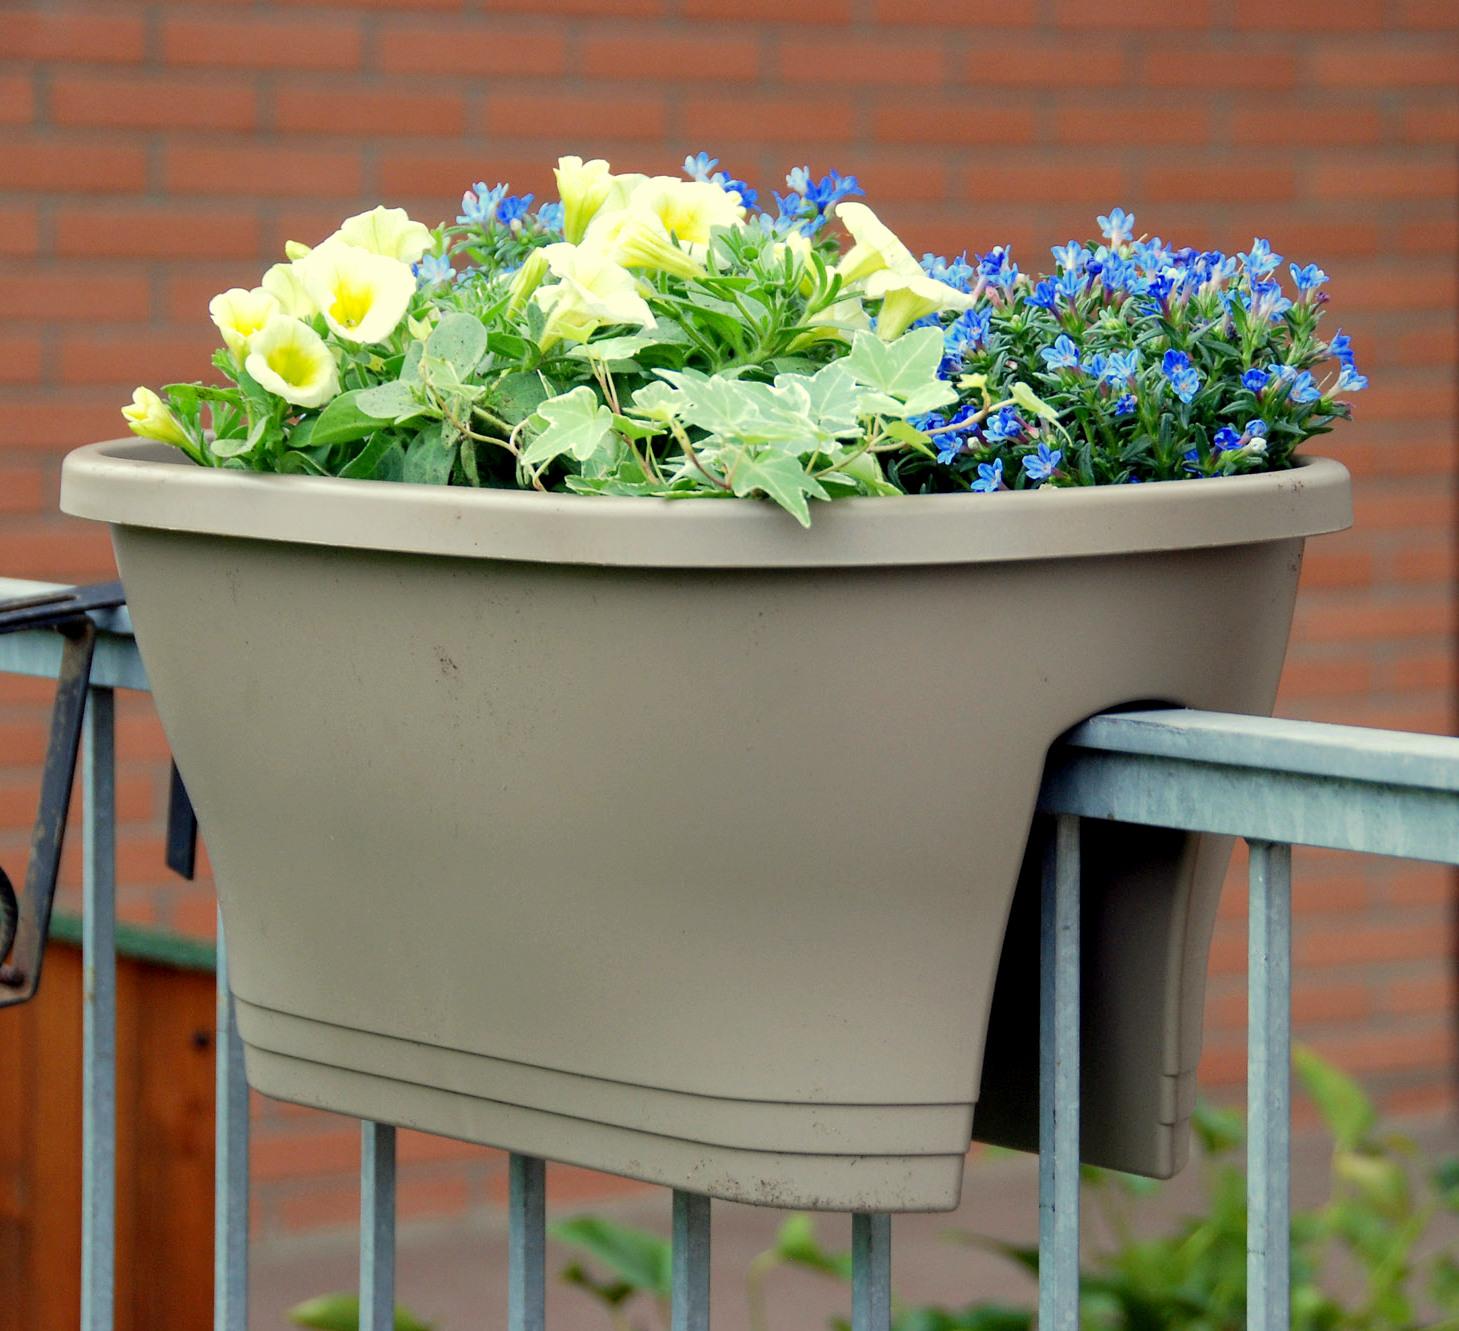 Idee Per Vasi Da Fiori il mondo in un giardino: ancora idee per composizioni in vaso